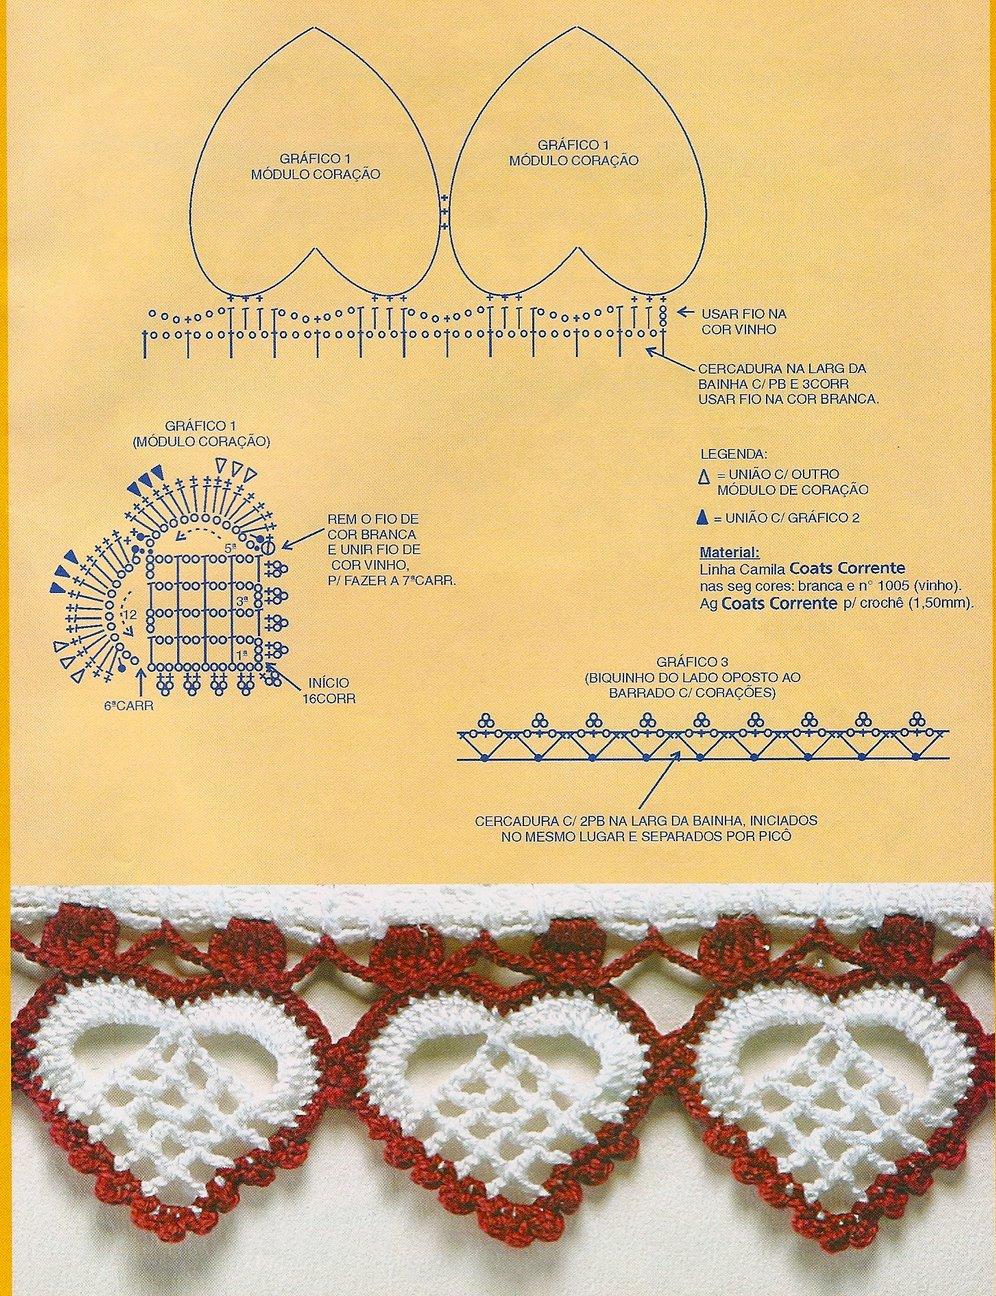 виды обвязок крючком вязаных изделий схемы